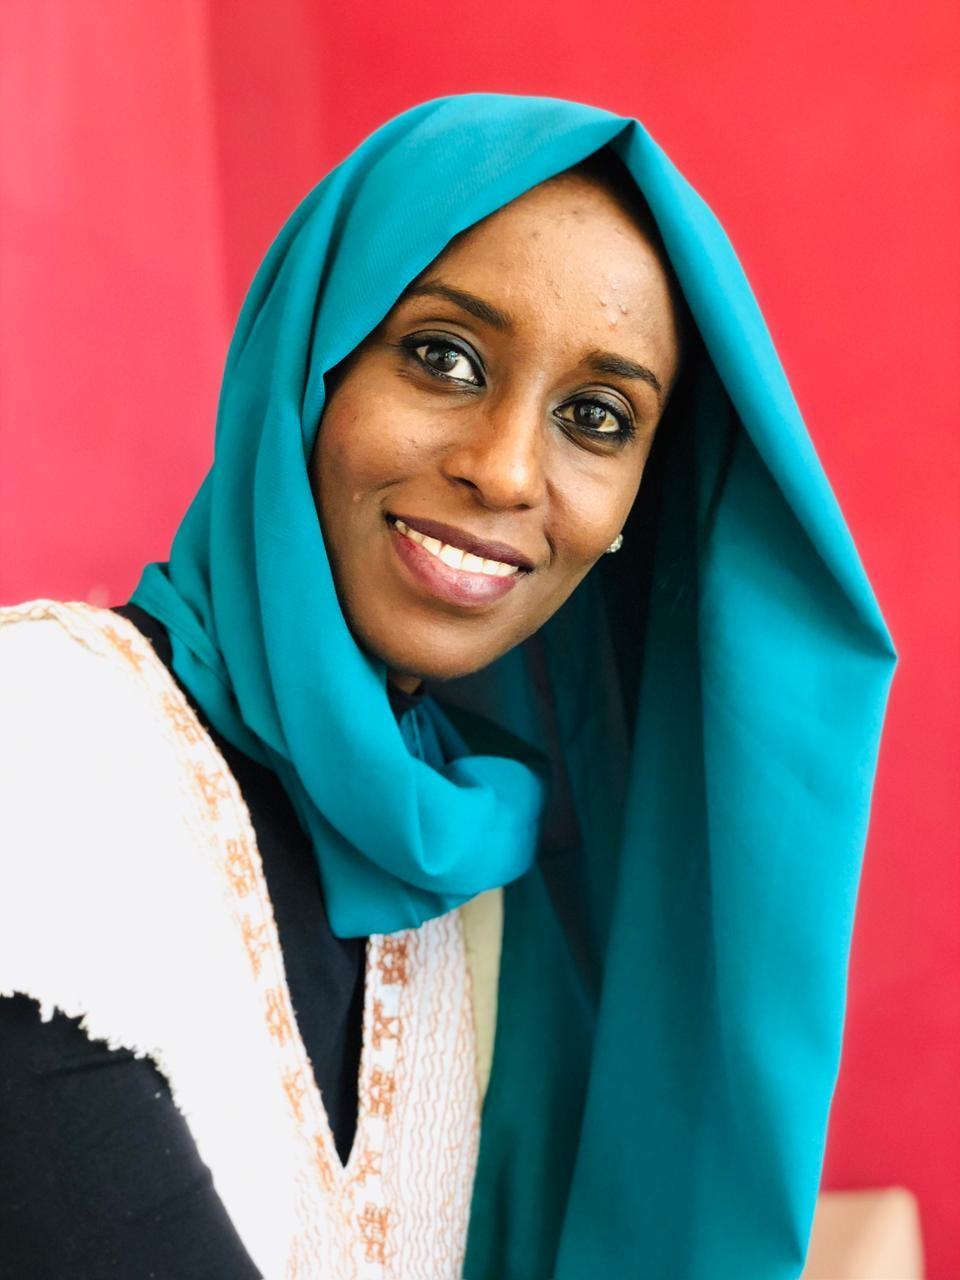 Shayma Idris